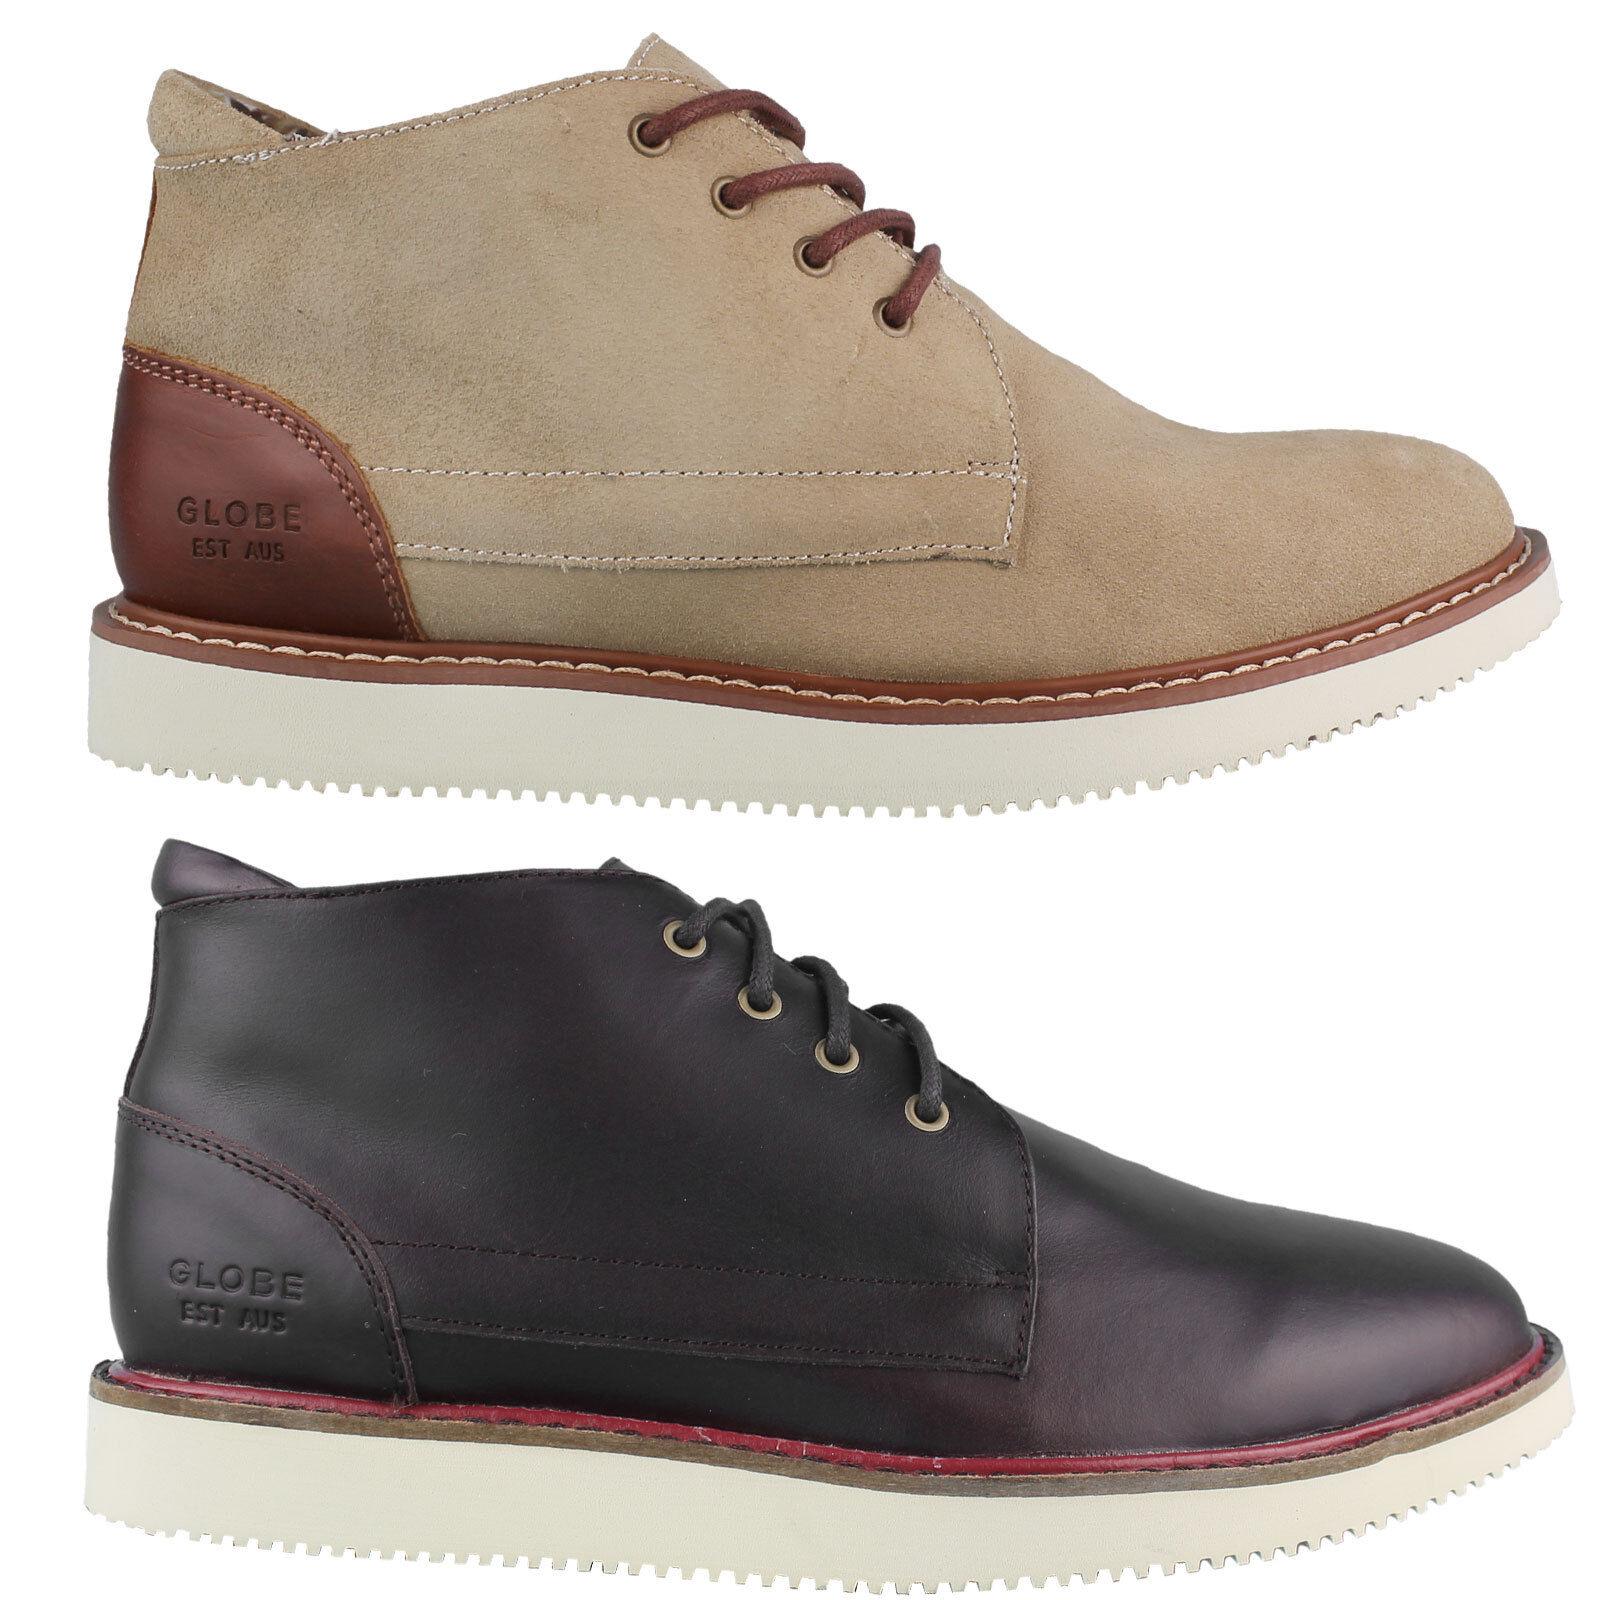 Globe DALEY Botas Zapatos botines de invierno para hombre Cordones botines Zapatos 2cdd28